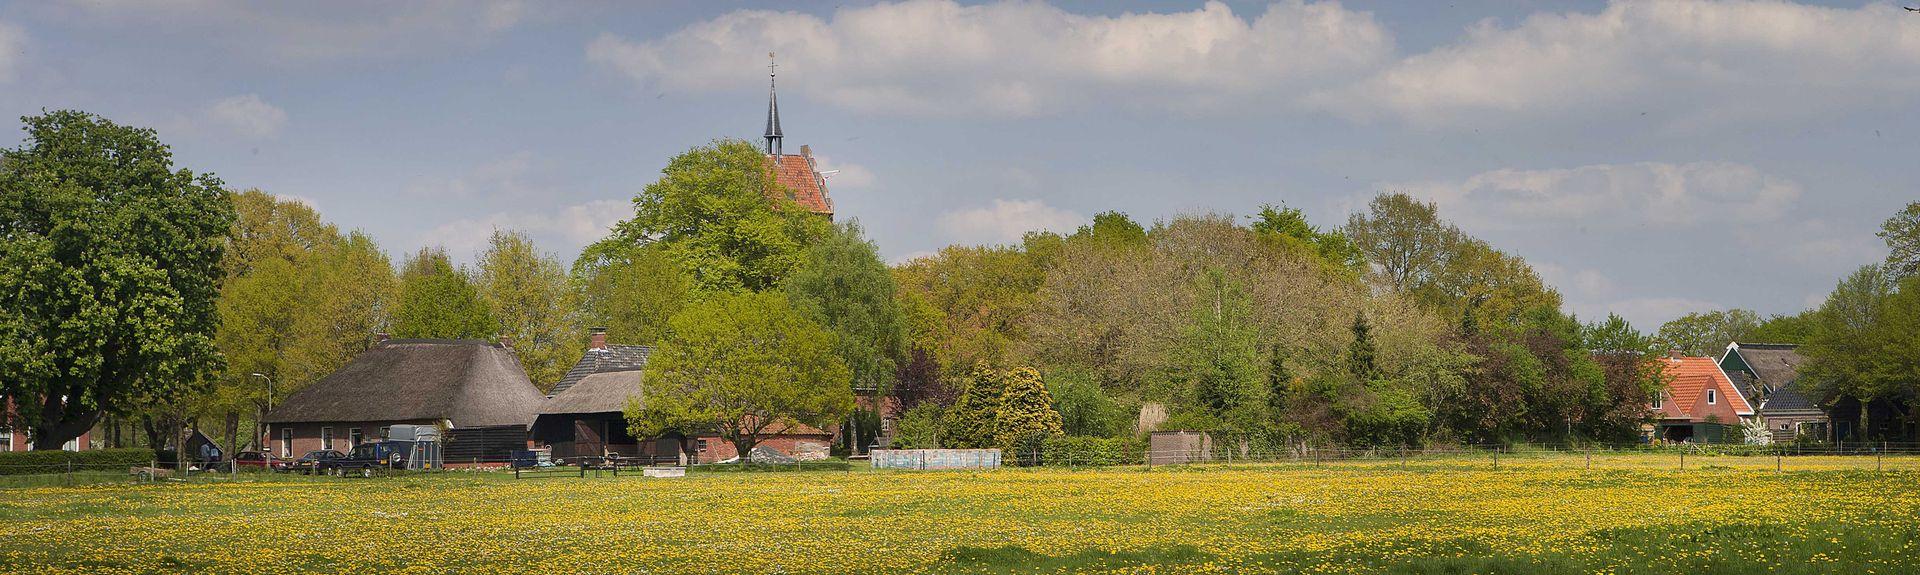 Nooitgedacht, Netherlands